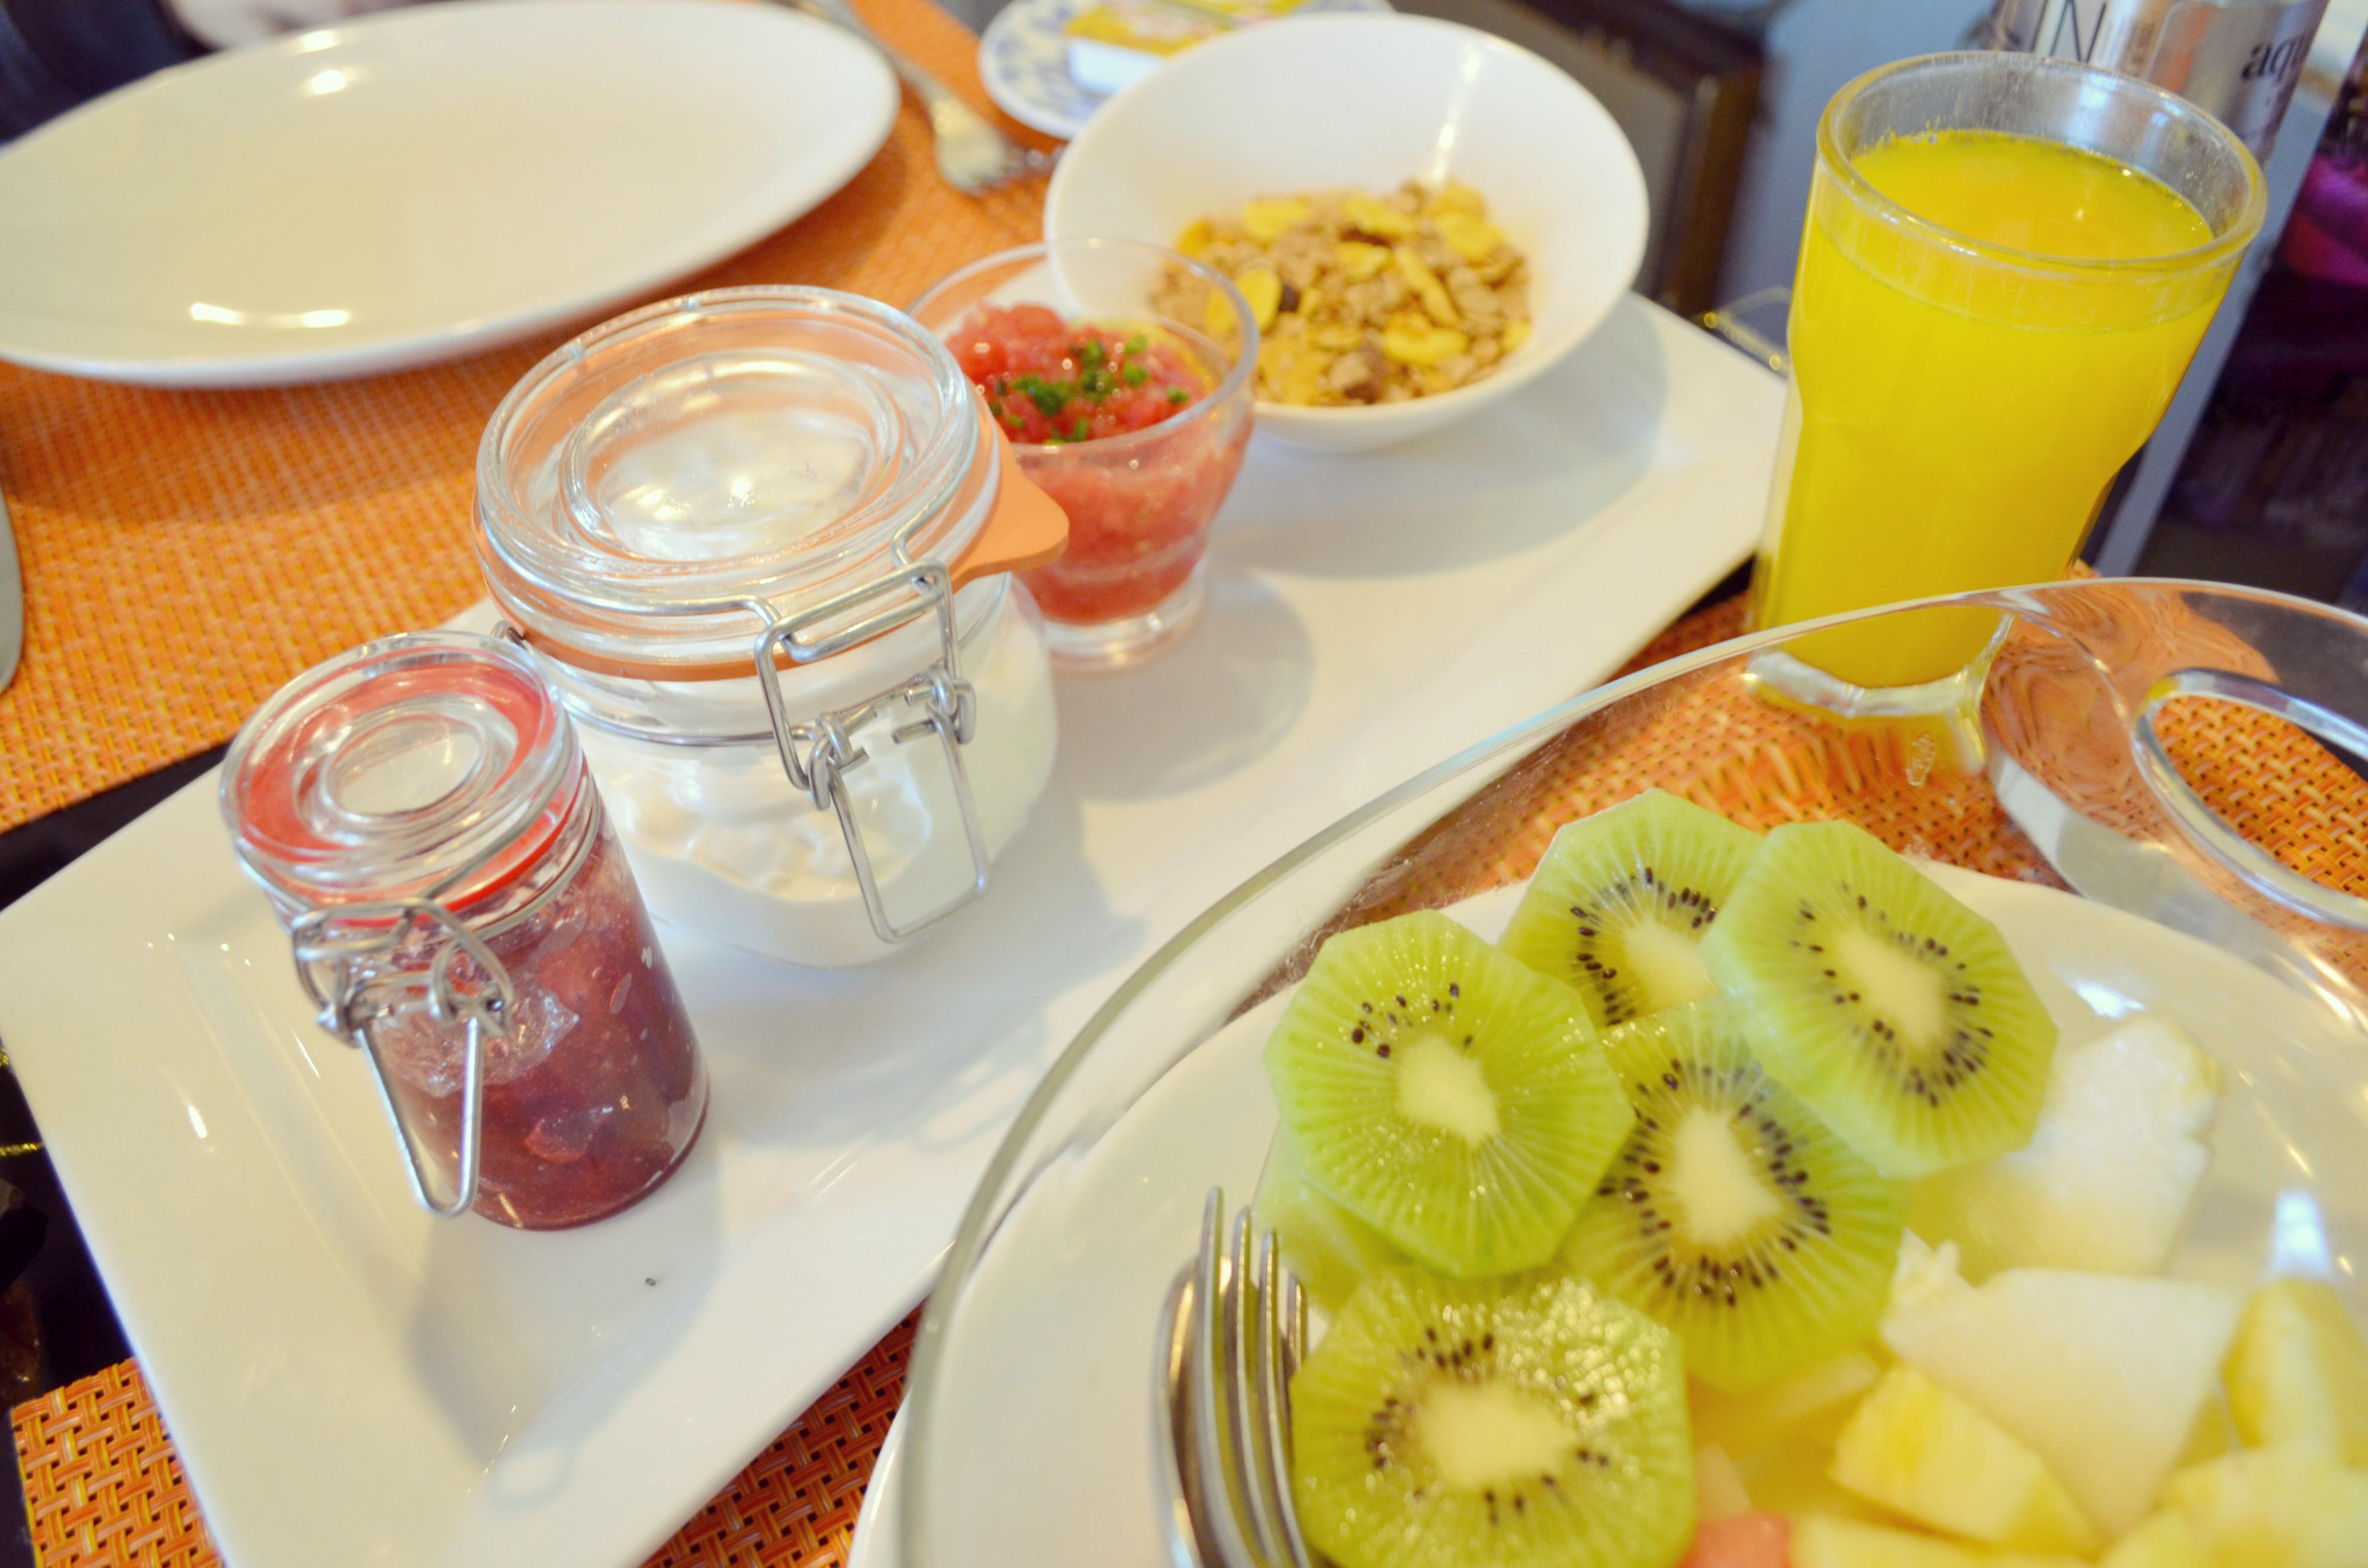 Frutas-para-desayunar-el-brunch-de-cafe-de-oriente-lifestyle-blog-fashionista-ChicAdicta-Chic-Adicta-Mejores-cafe-de-Madrid-PiensaenChic-Piensa-en-Chic